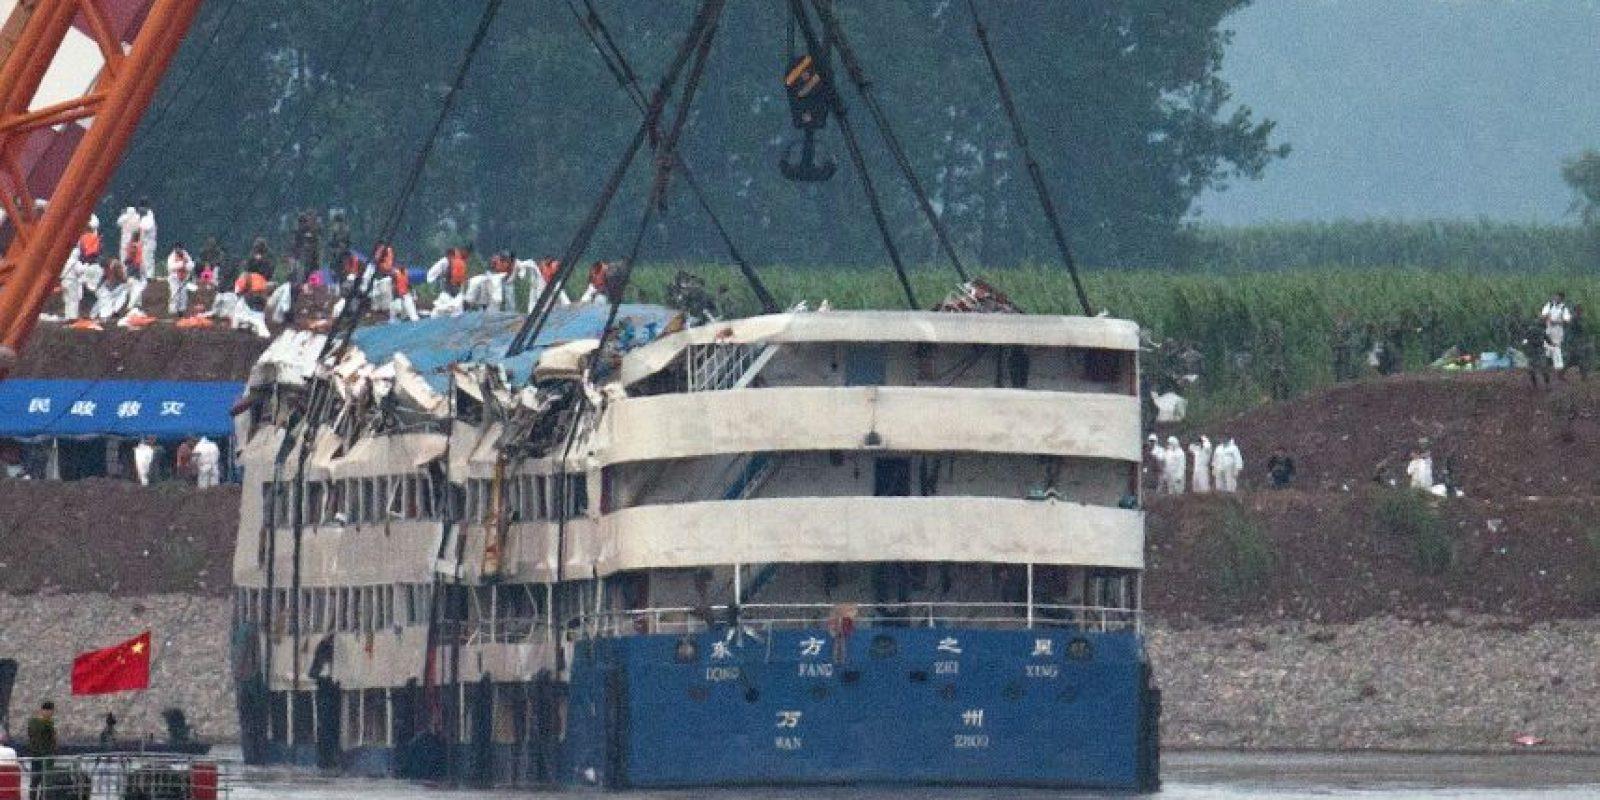 Se preparan para drenar el agua del barco y ponerlo a flote. Foto:AP